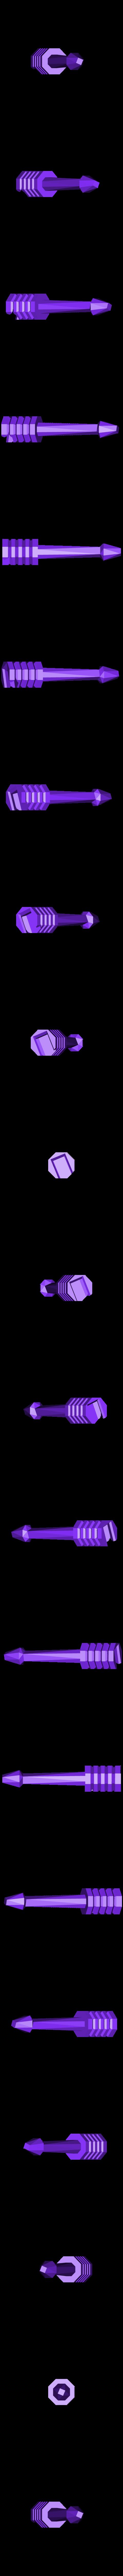 CANNON-guns.STL Télécharger fichier STL gratuit Cybran T2 Destroyer - Salem Class • Plan à imprimer en 3D, Steyrc